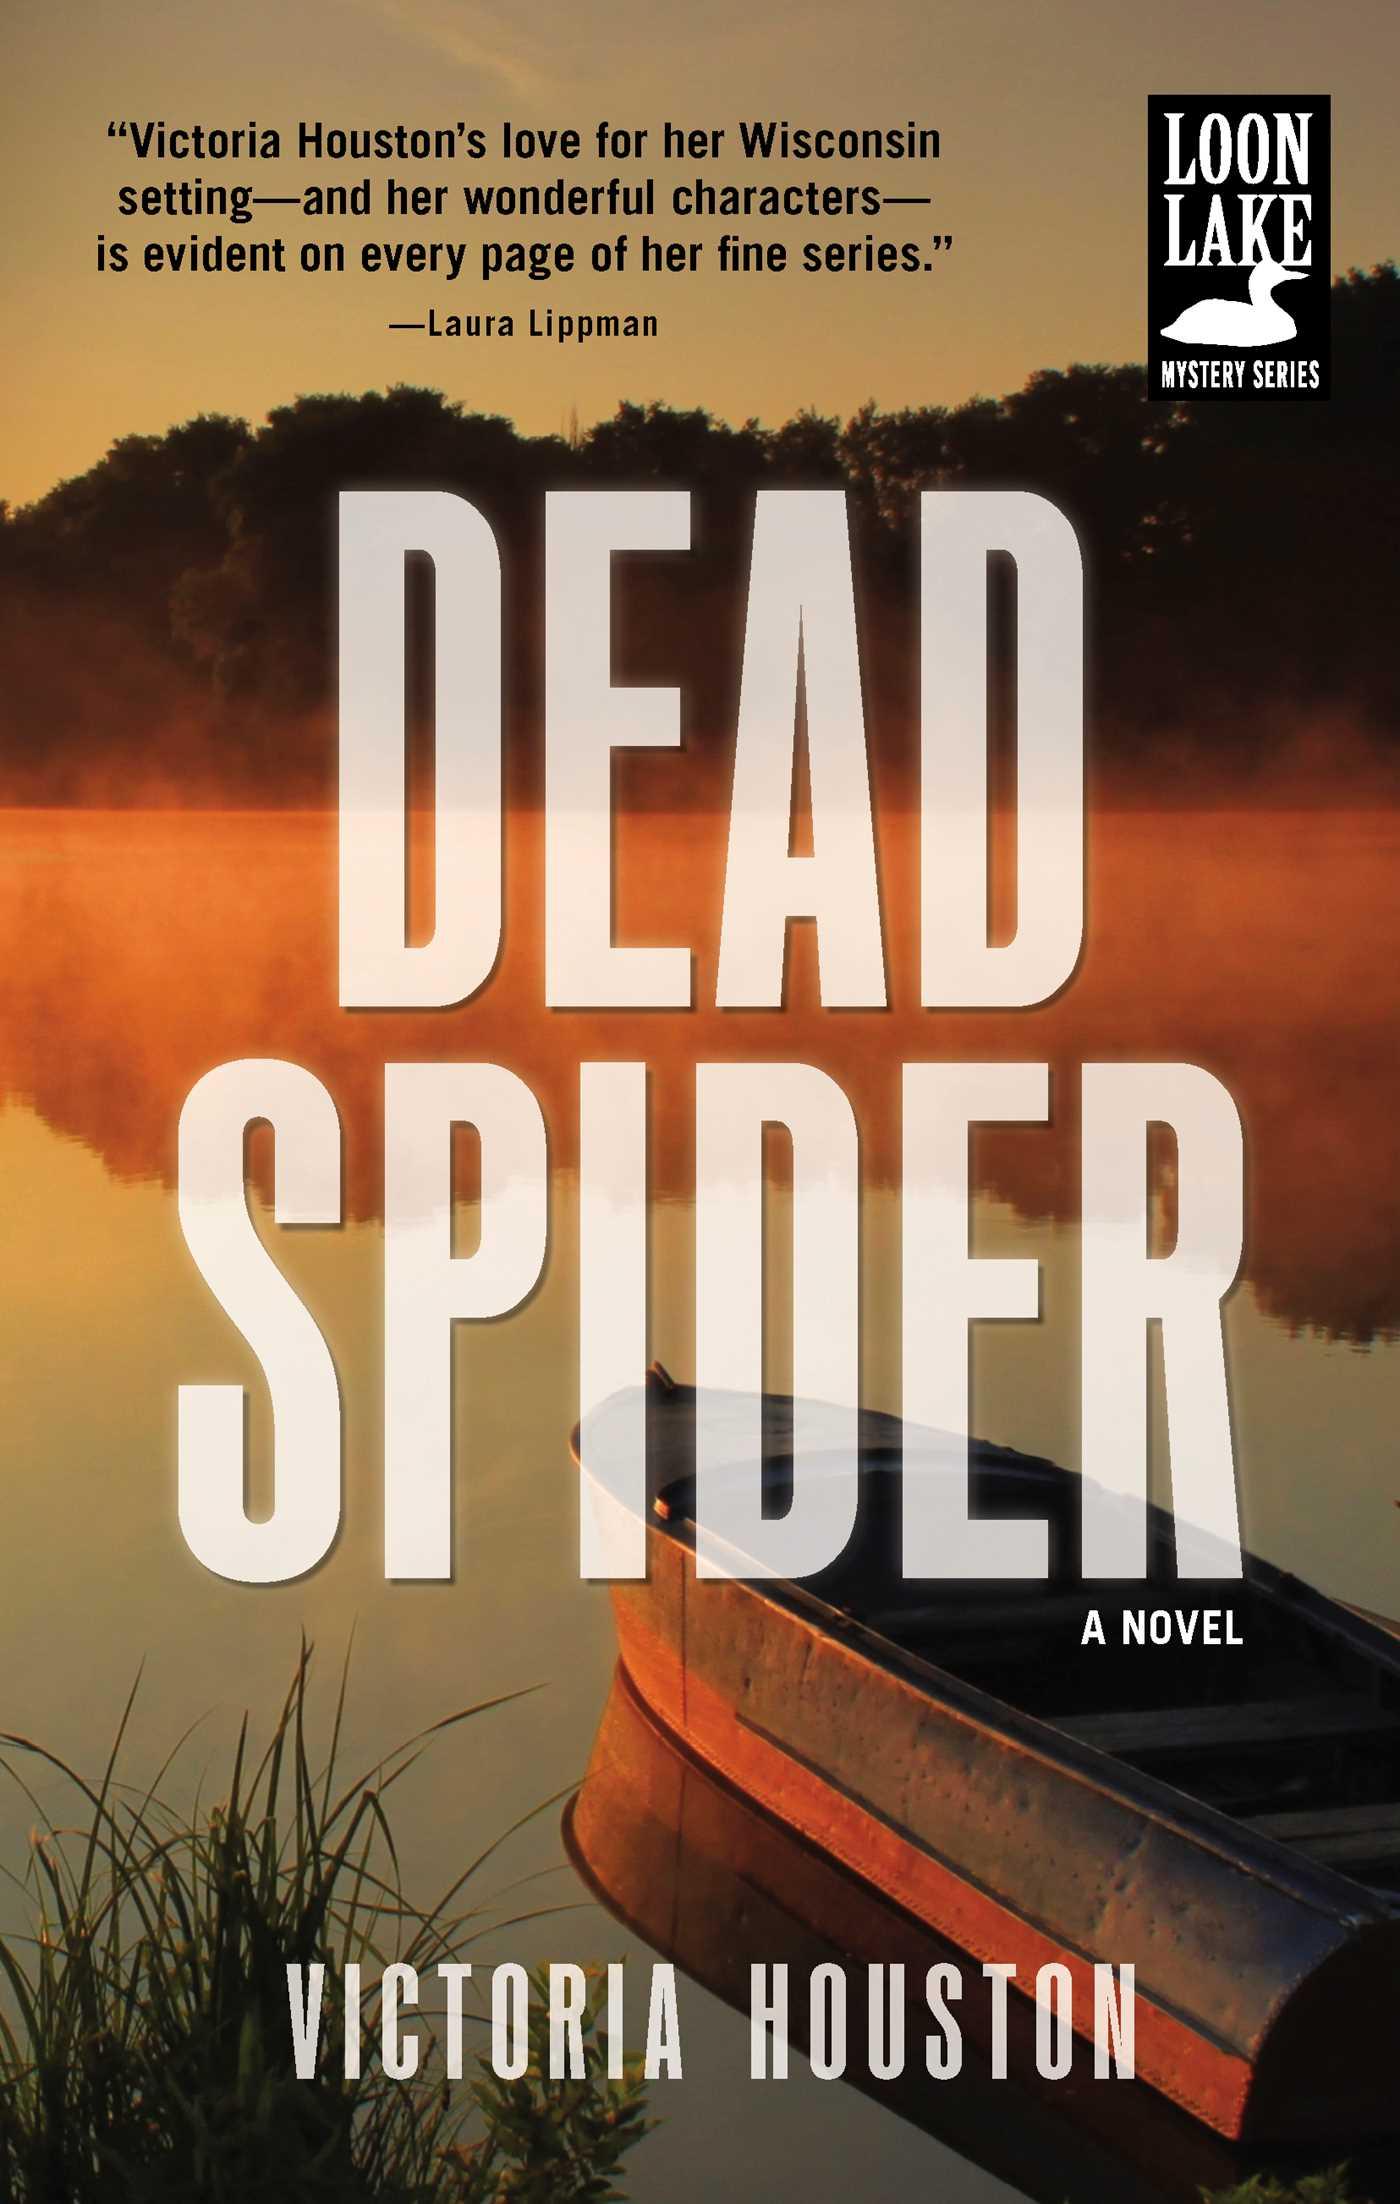 Dead spider 9781440598807 hr